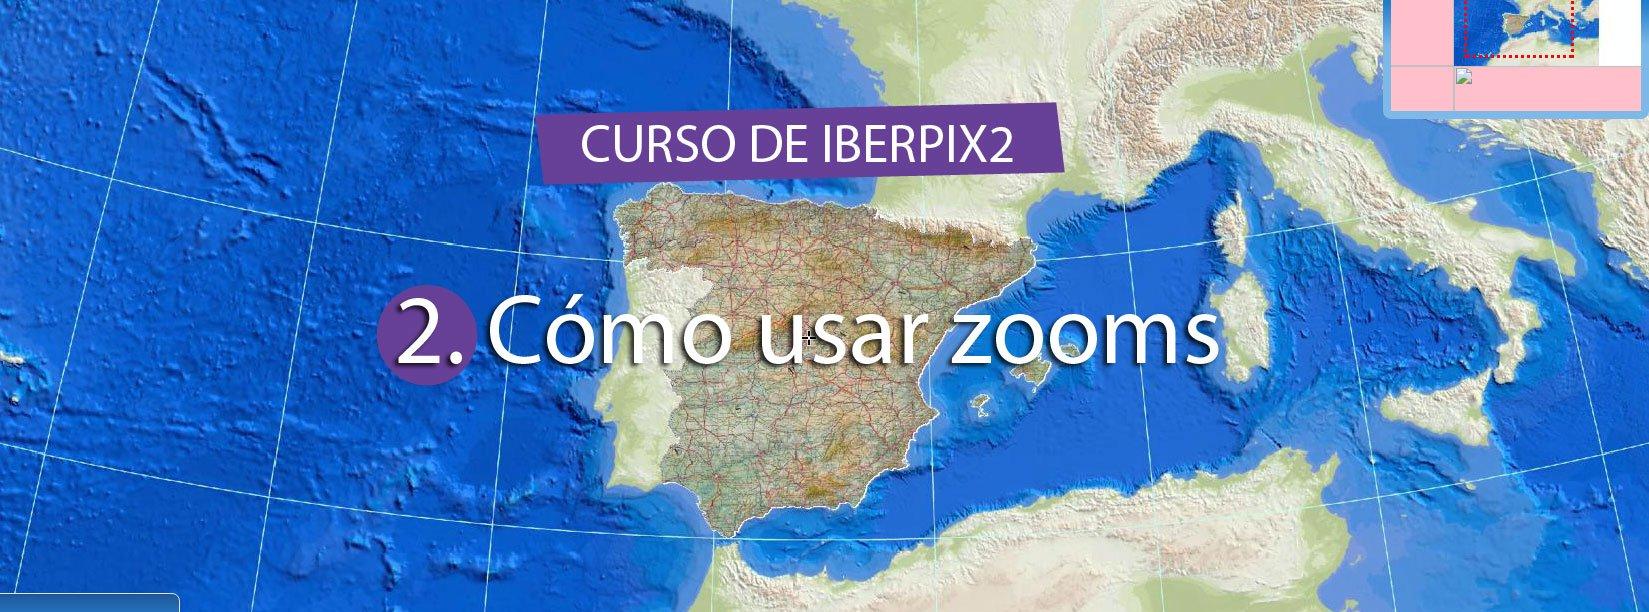 Curso de IBERPIX2 – Cap.02 Cómo usar zooms de IBERPIX